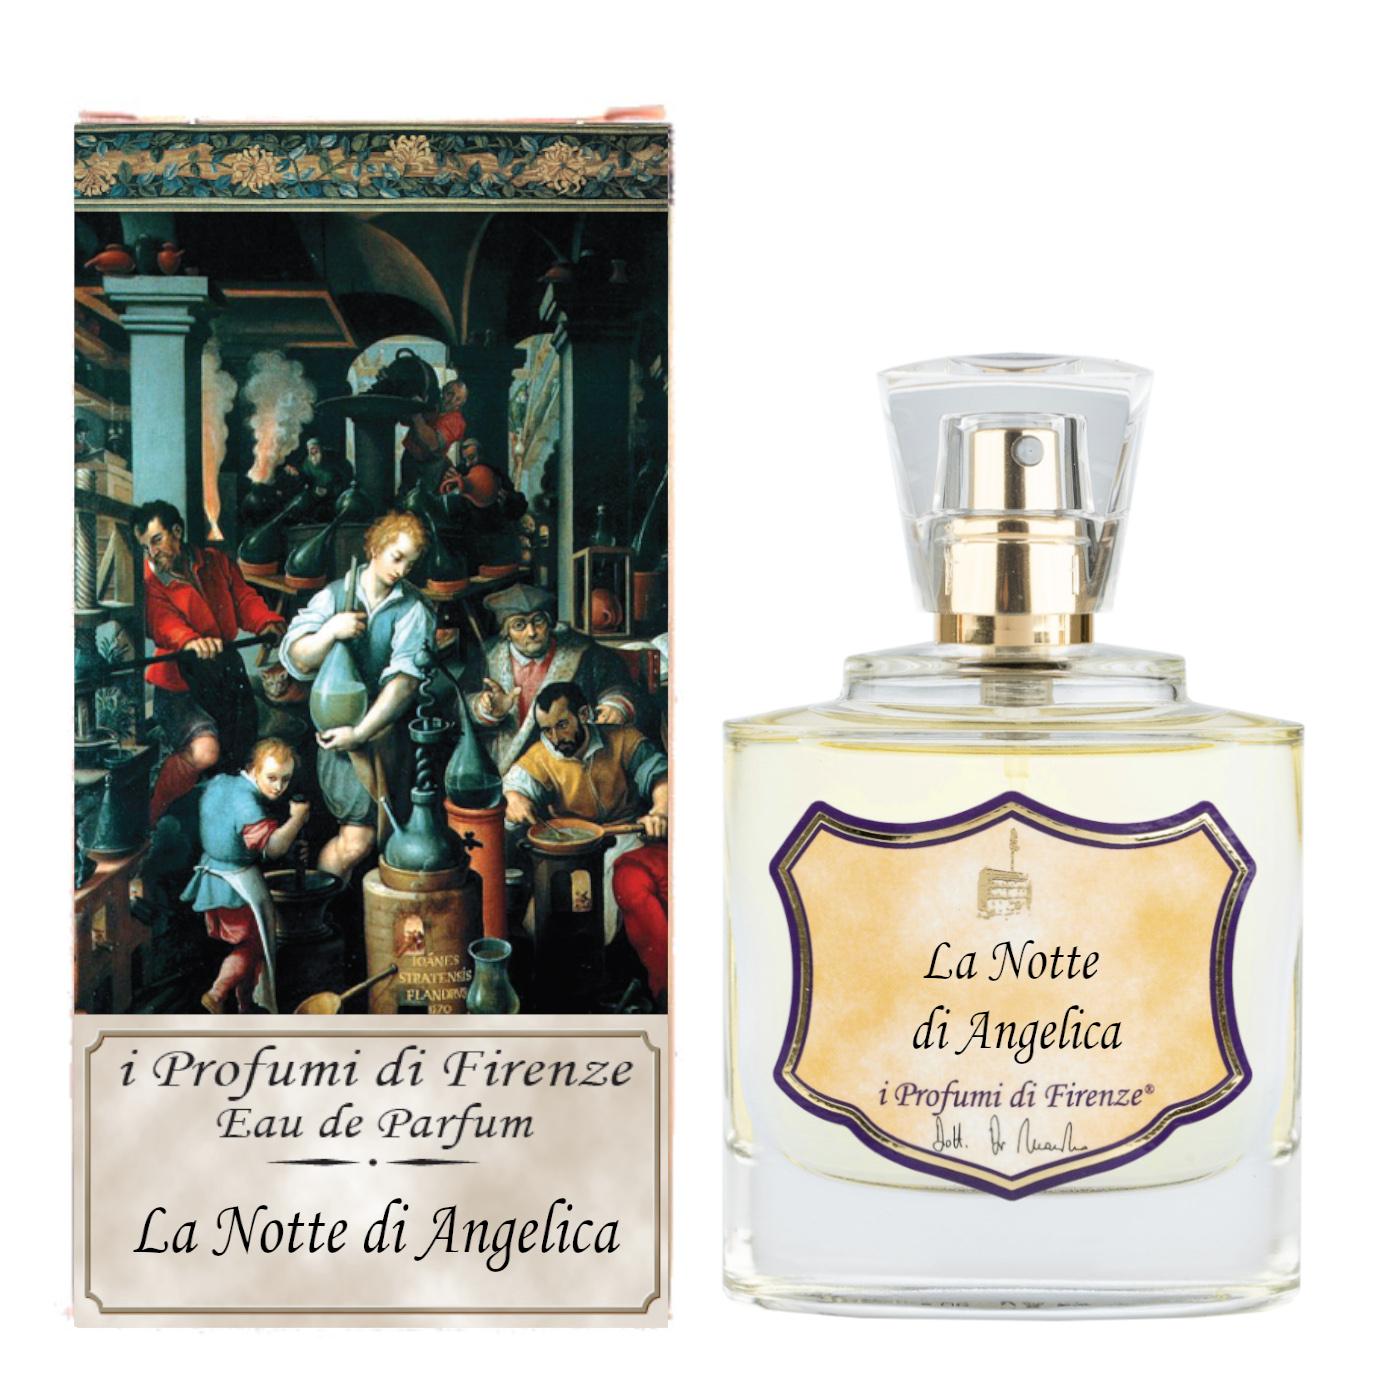 LA NOTTE DI ANGELICA - Eau de Parfum-4129